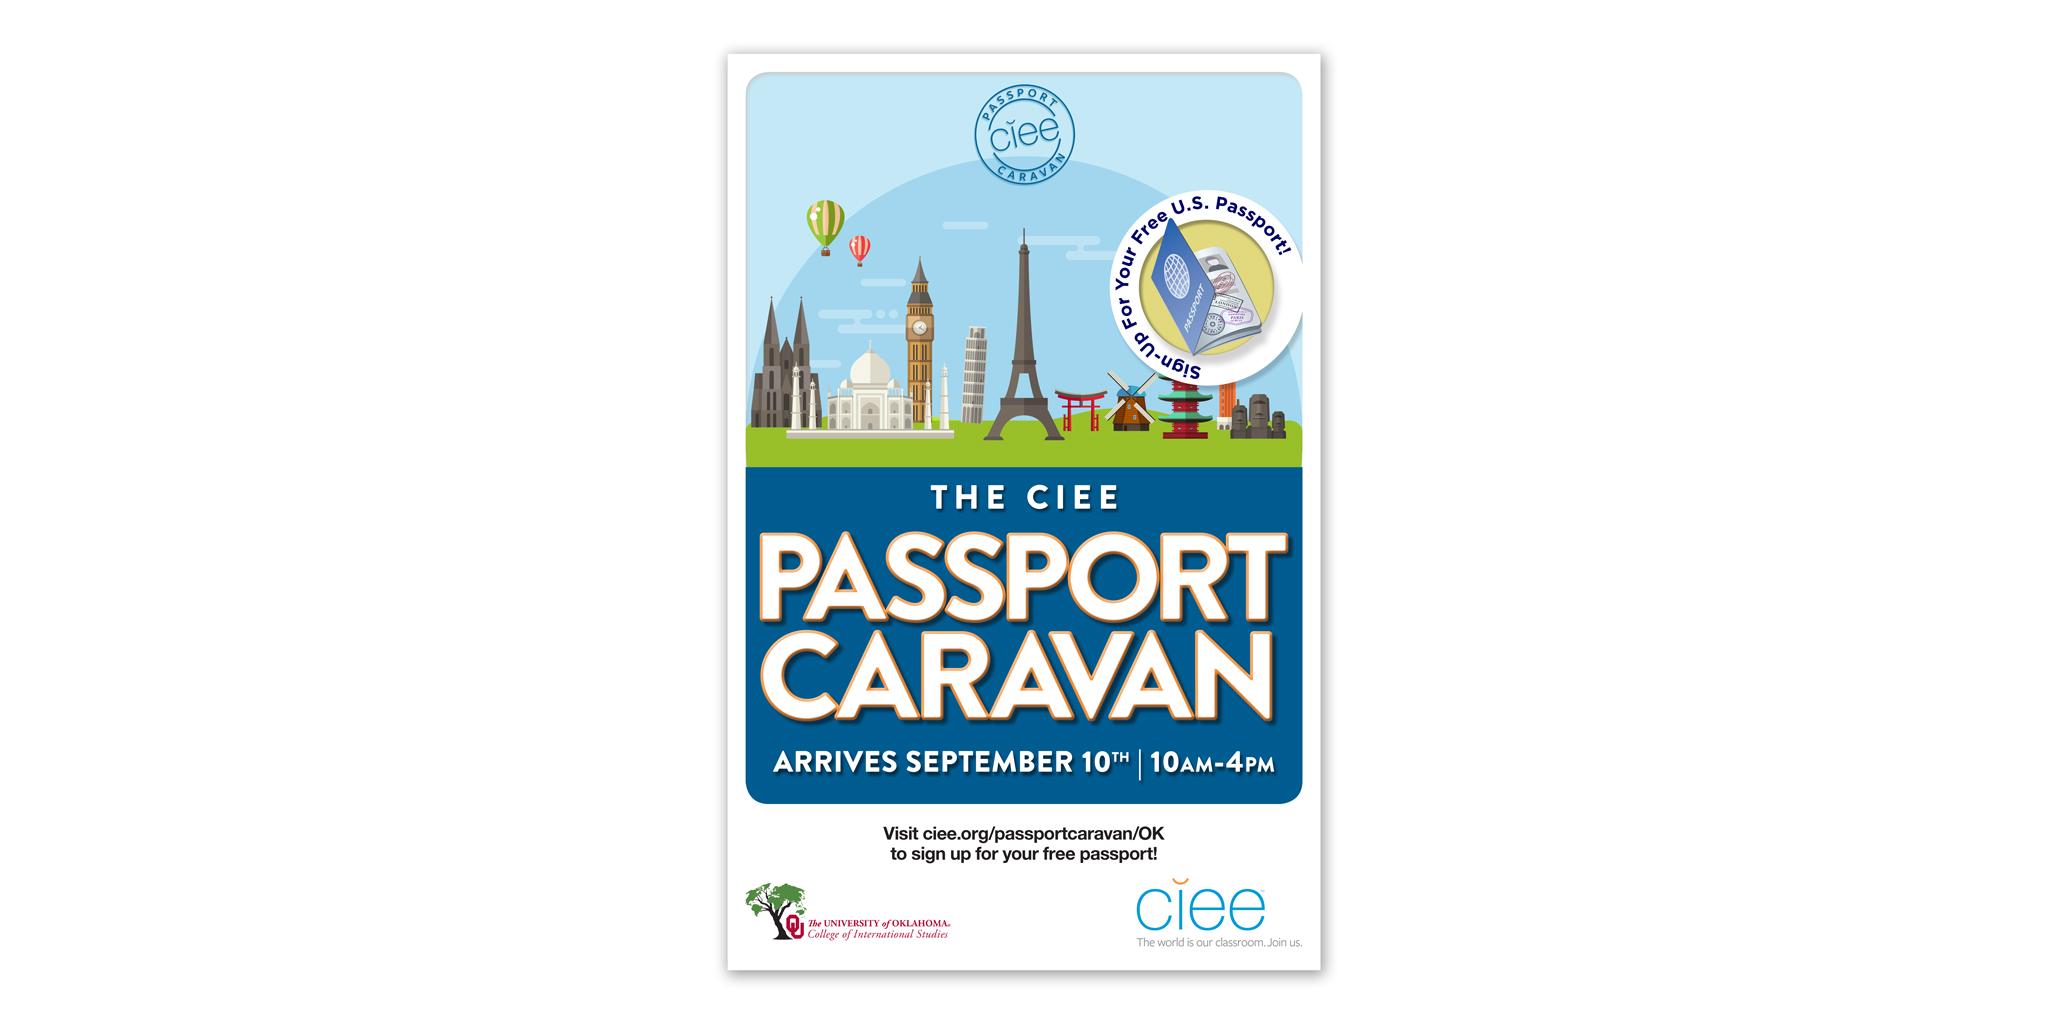 CIEE_caravan_poster_1024_080615.jpg